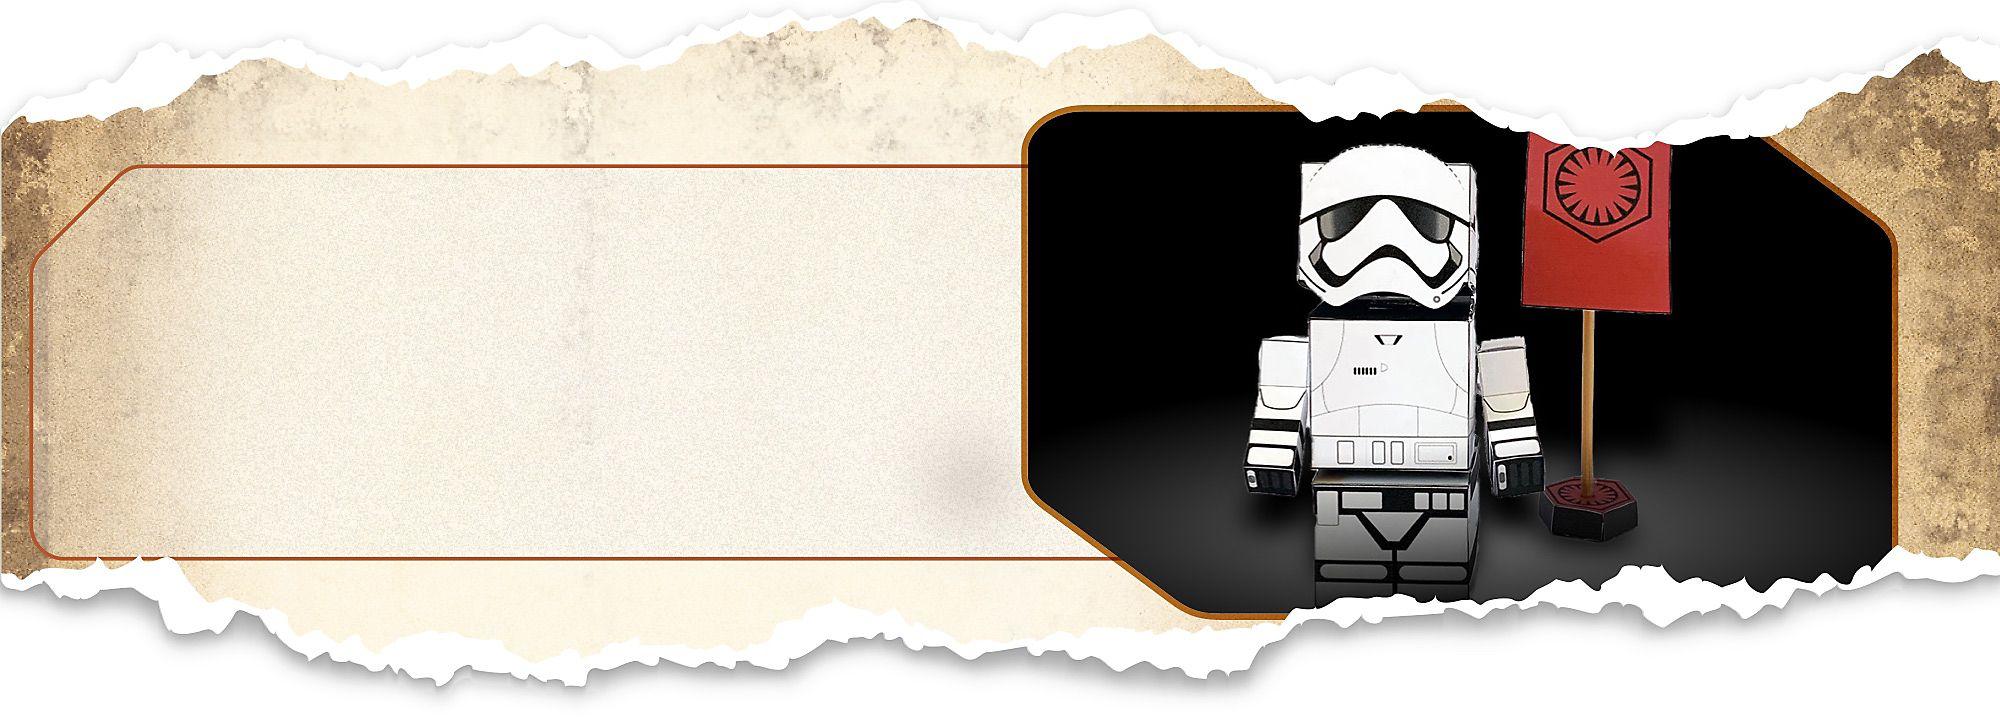 Star Wars: Galaxy's Edge Aktivitäten  JETZT ENTDECKEN